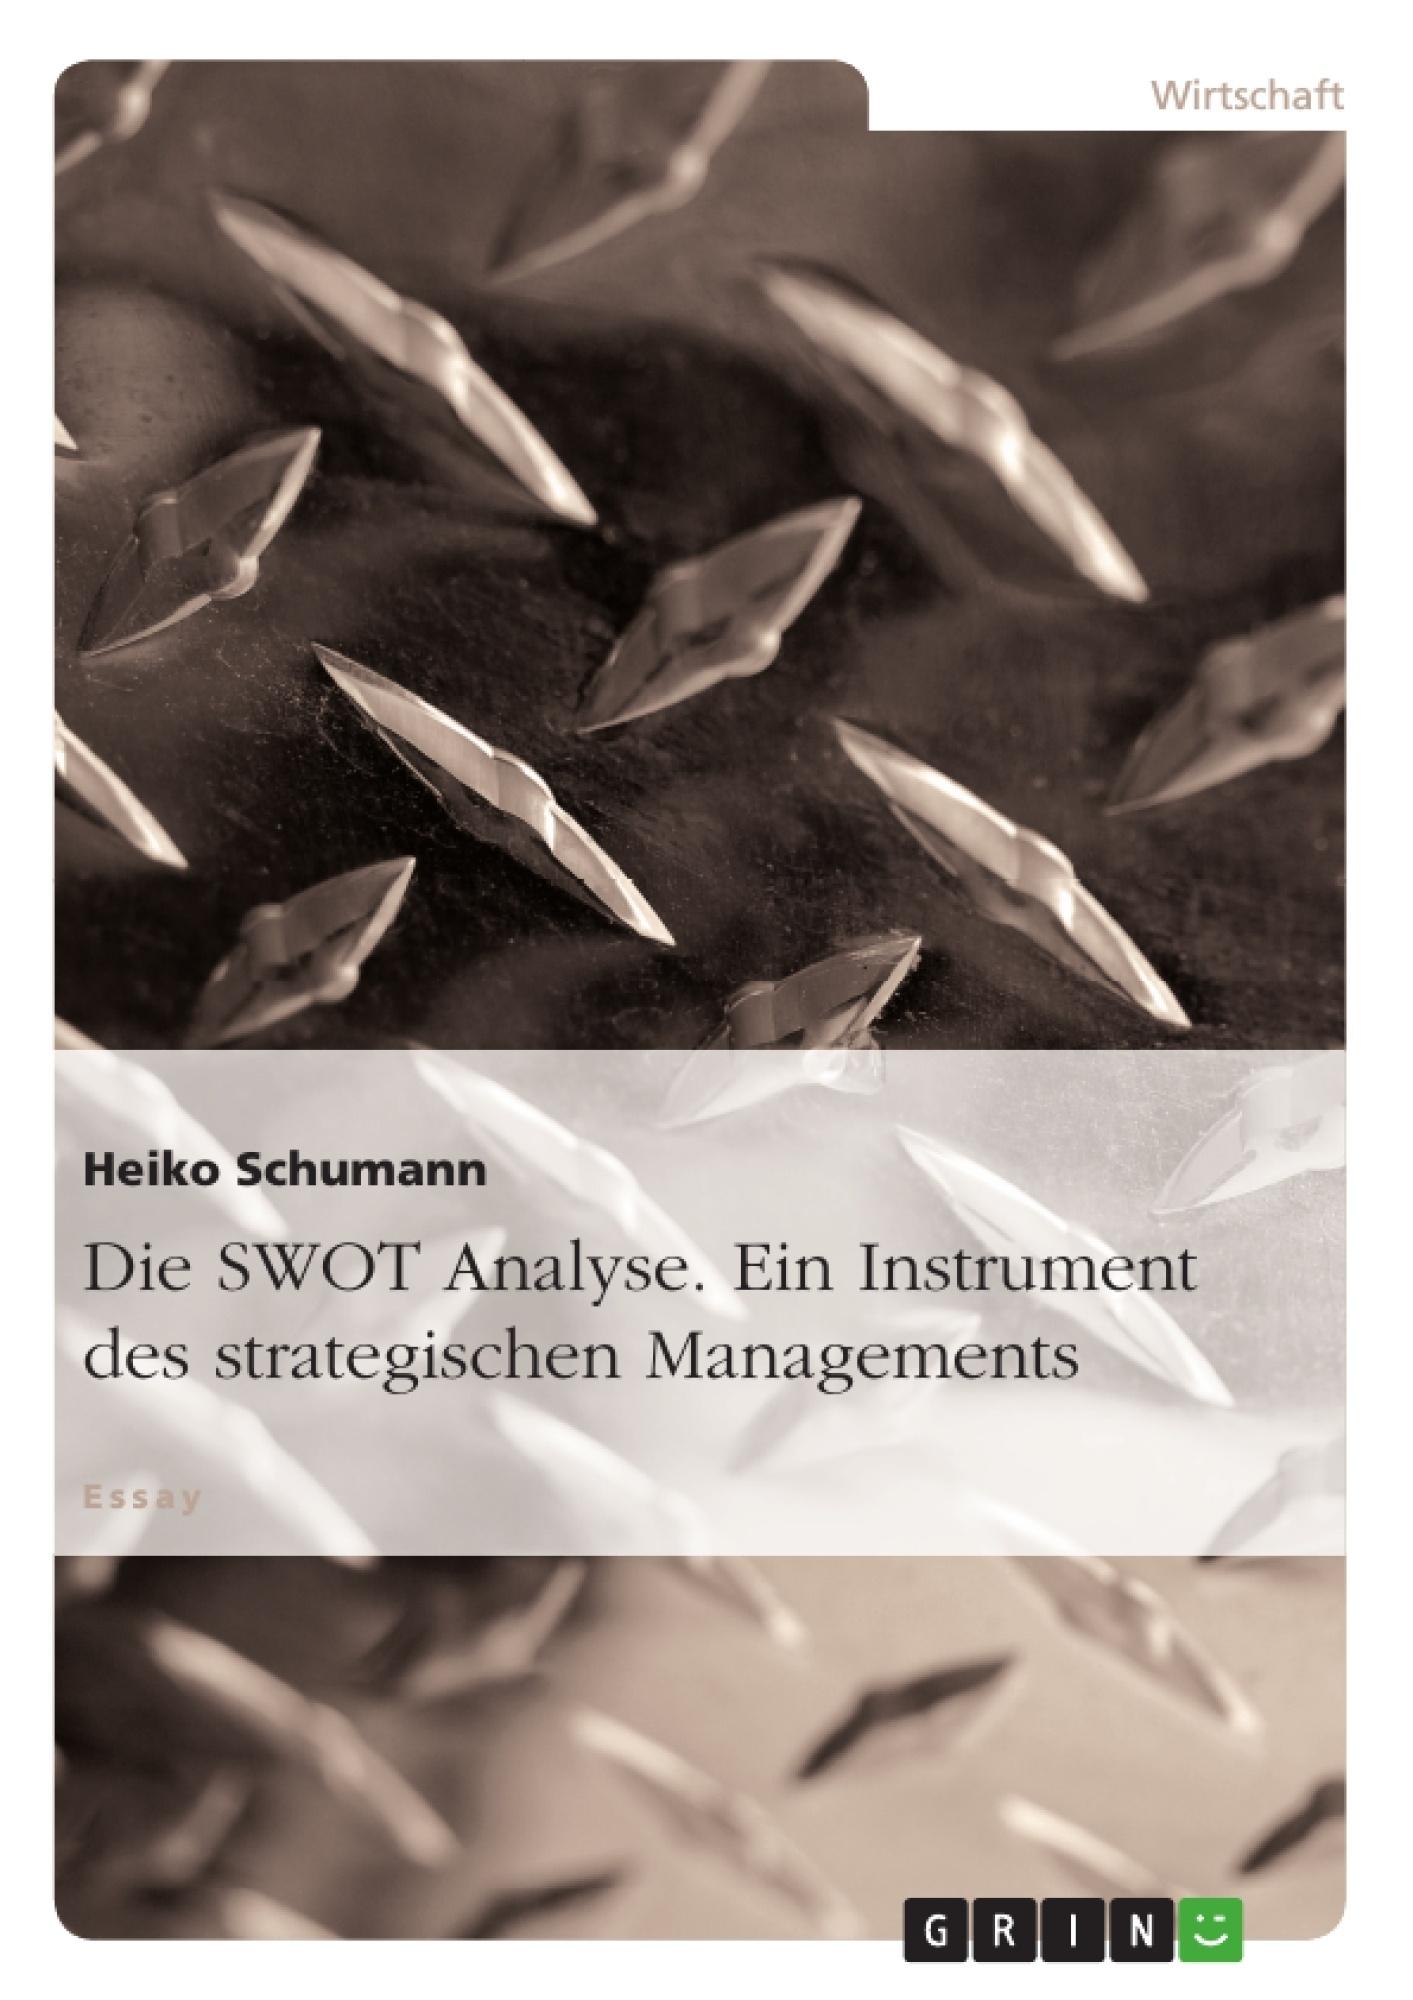 Titel: Die SWOT Analyse. Ein Instrument des strategischen Managements